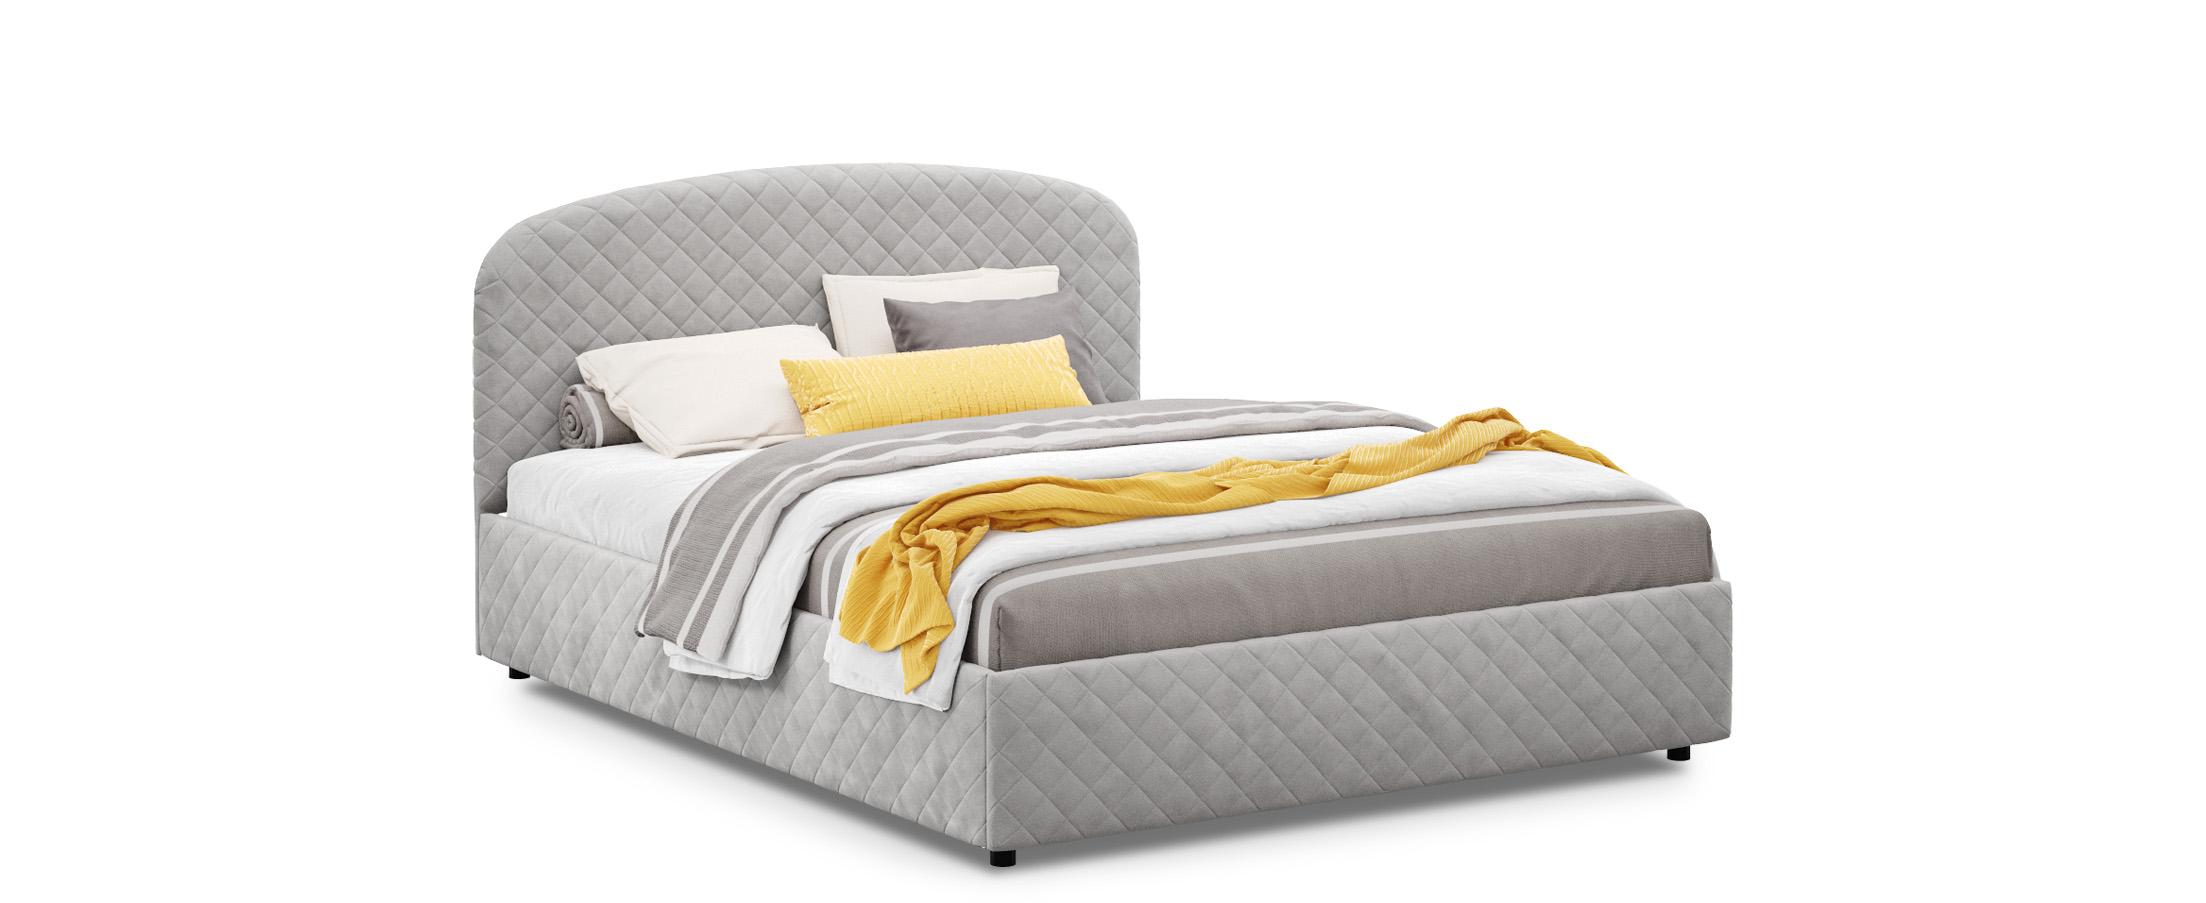 Кровать двуспальная Аллегра 180х200 Модель 1204Благодаря лаконичным формам она может стать как центральным предметом просторного помещения, также будет гармонично смотреться в небольшой спальной комнате.